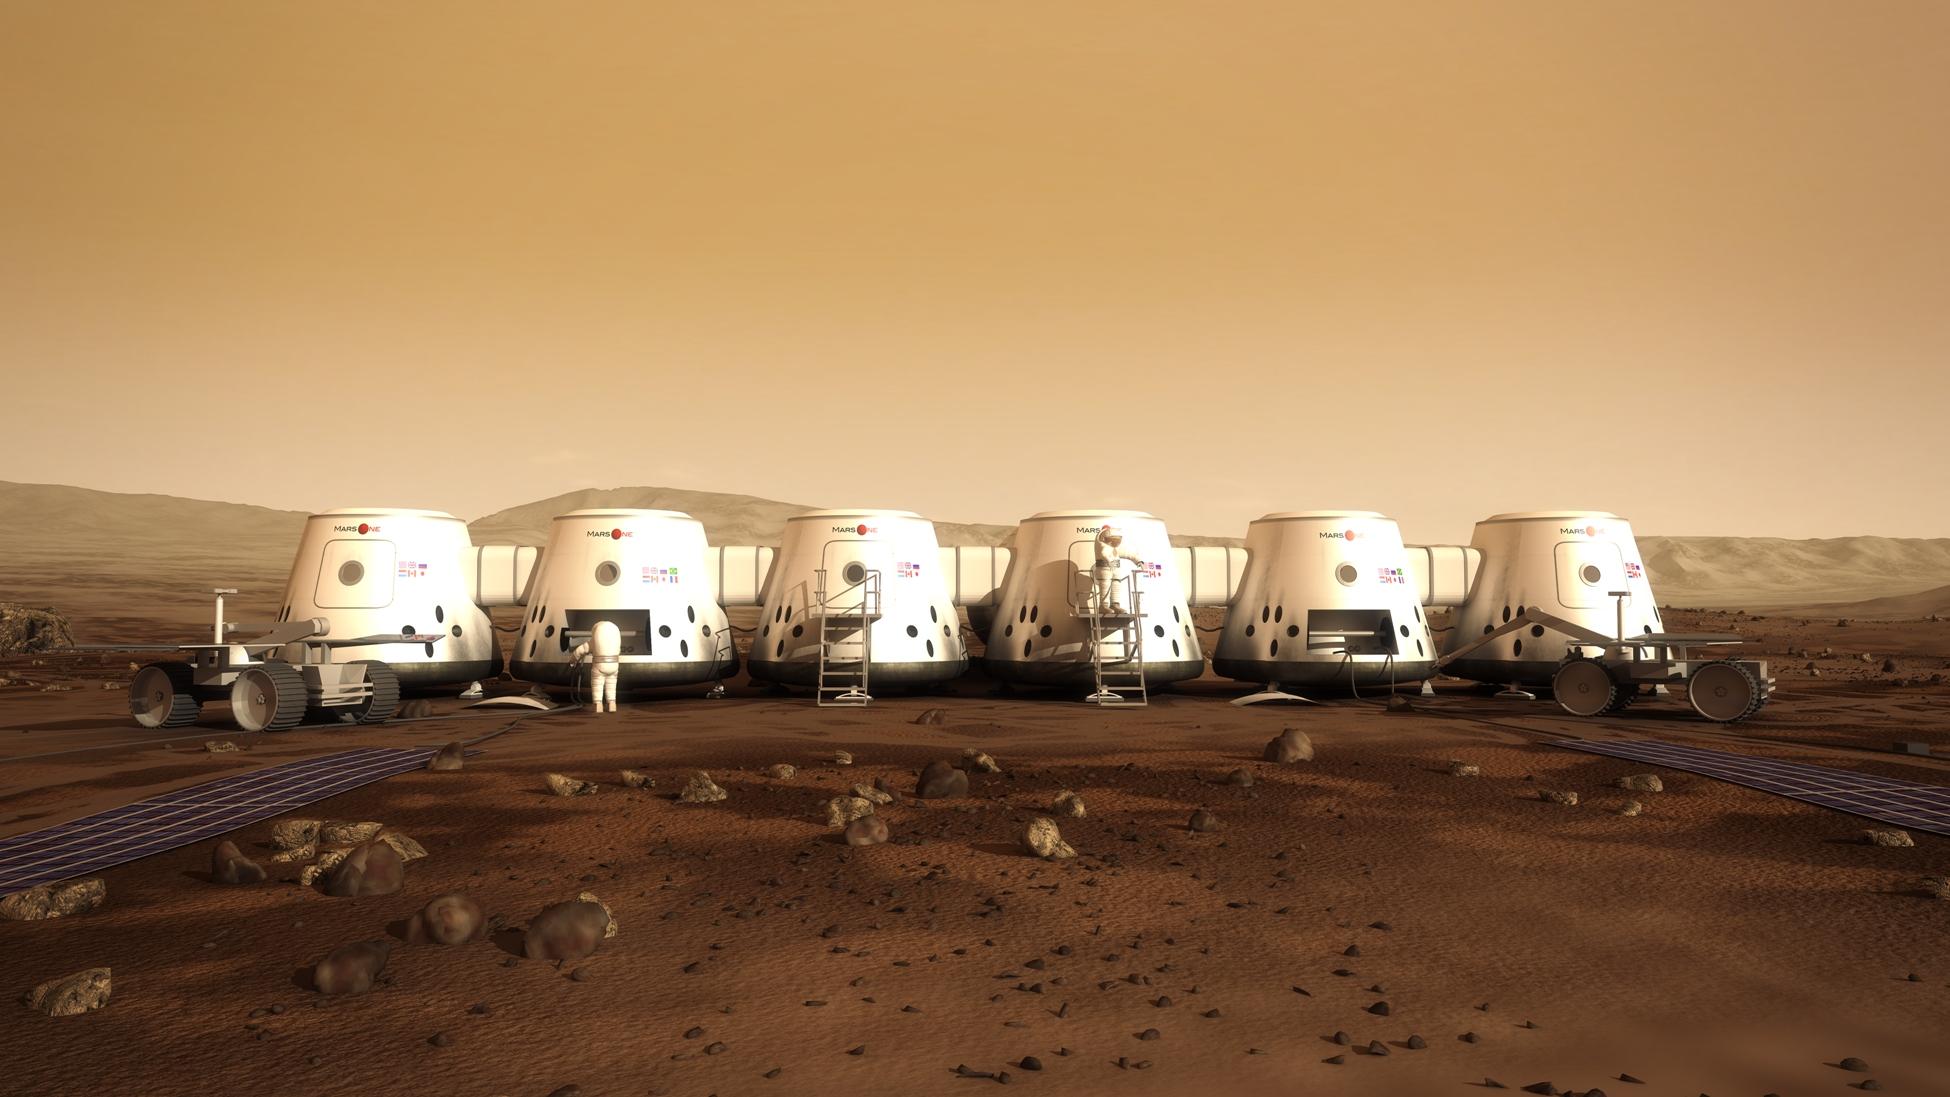 2023: Bootprints on Mars?